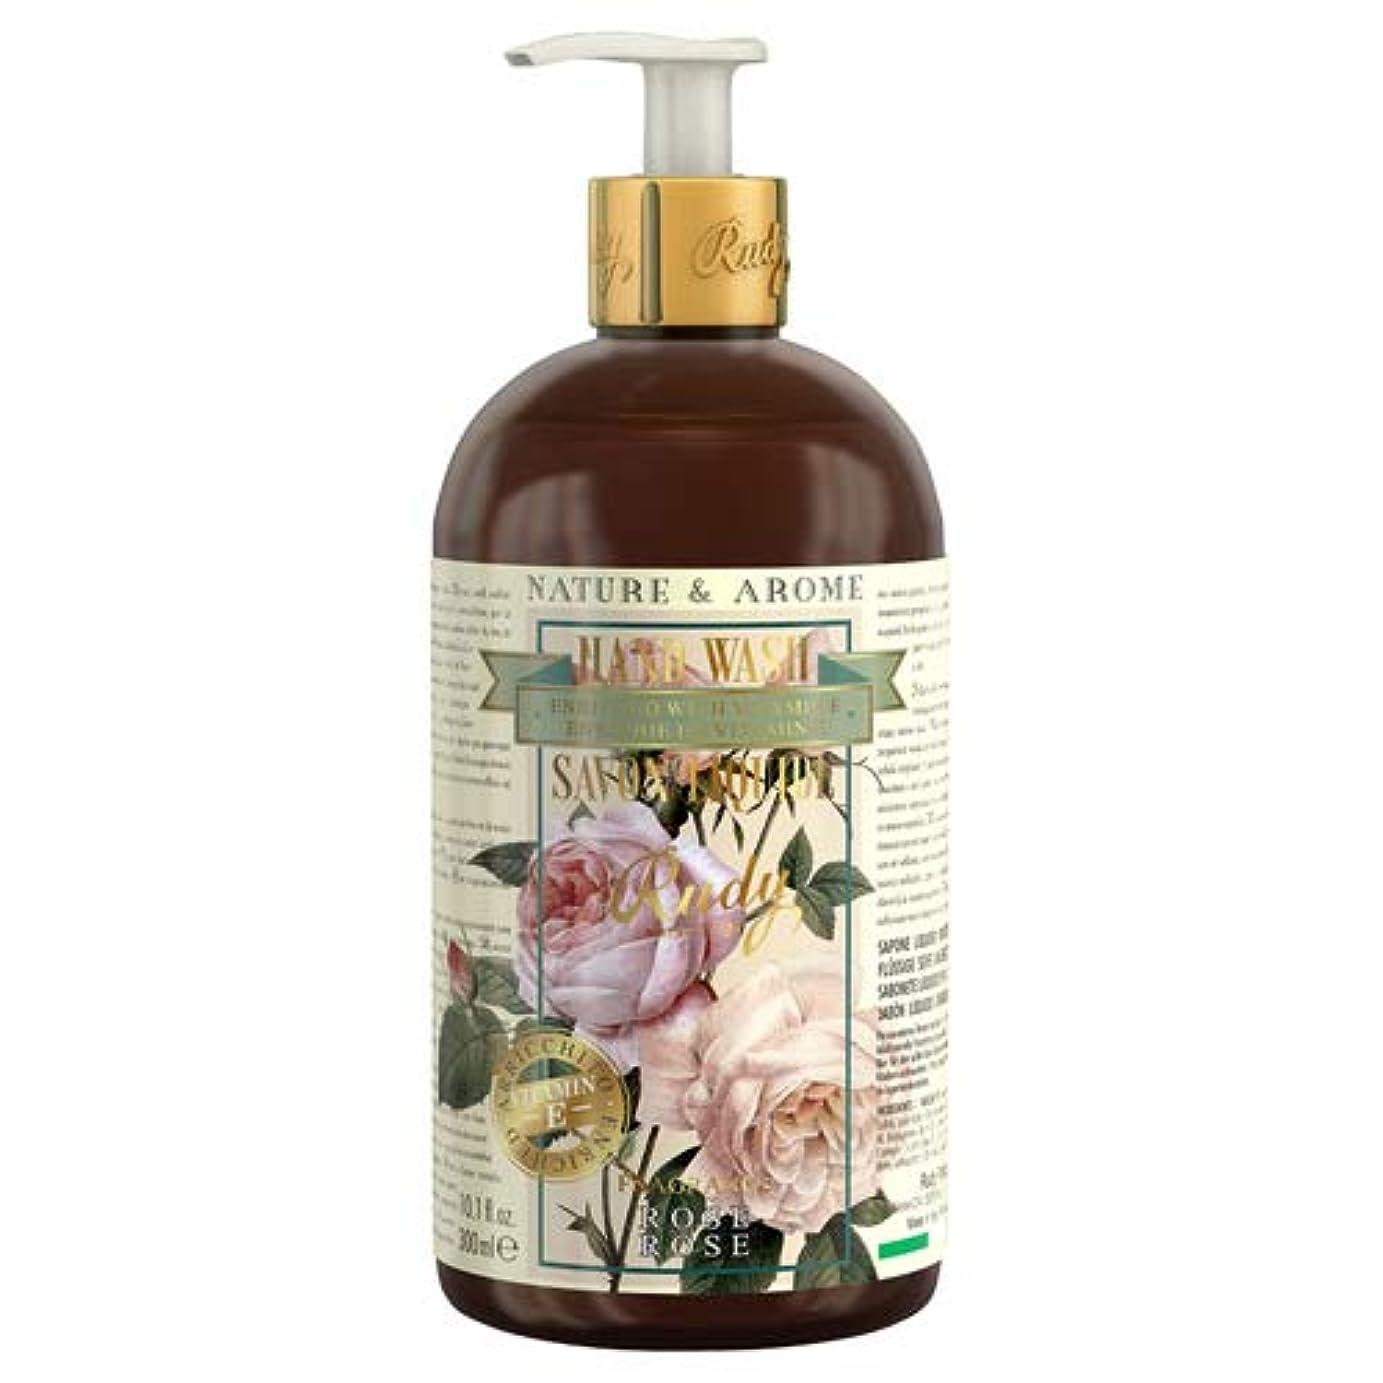 内陸寝具章RUDY Nature&Arome Apothecary ネイチャーアロマ アポセカリー Hand Wash ハンドウォッシュ(ボディソープ) Rose ローズ